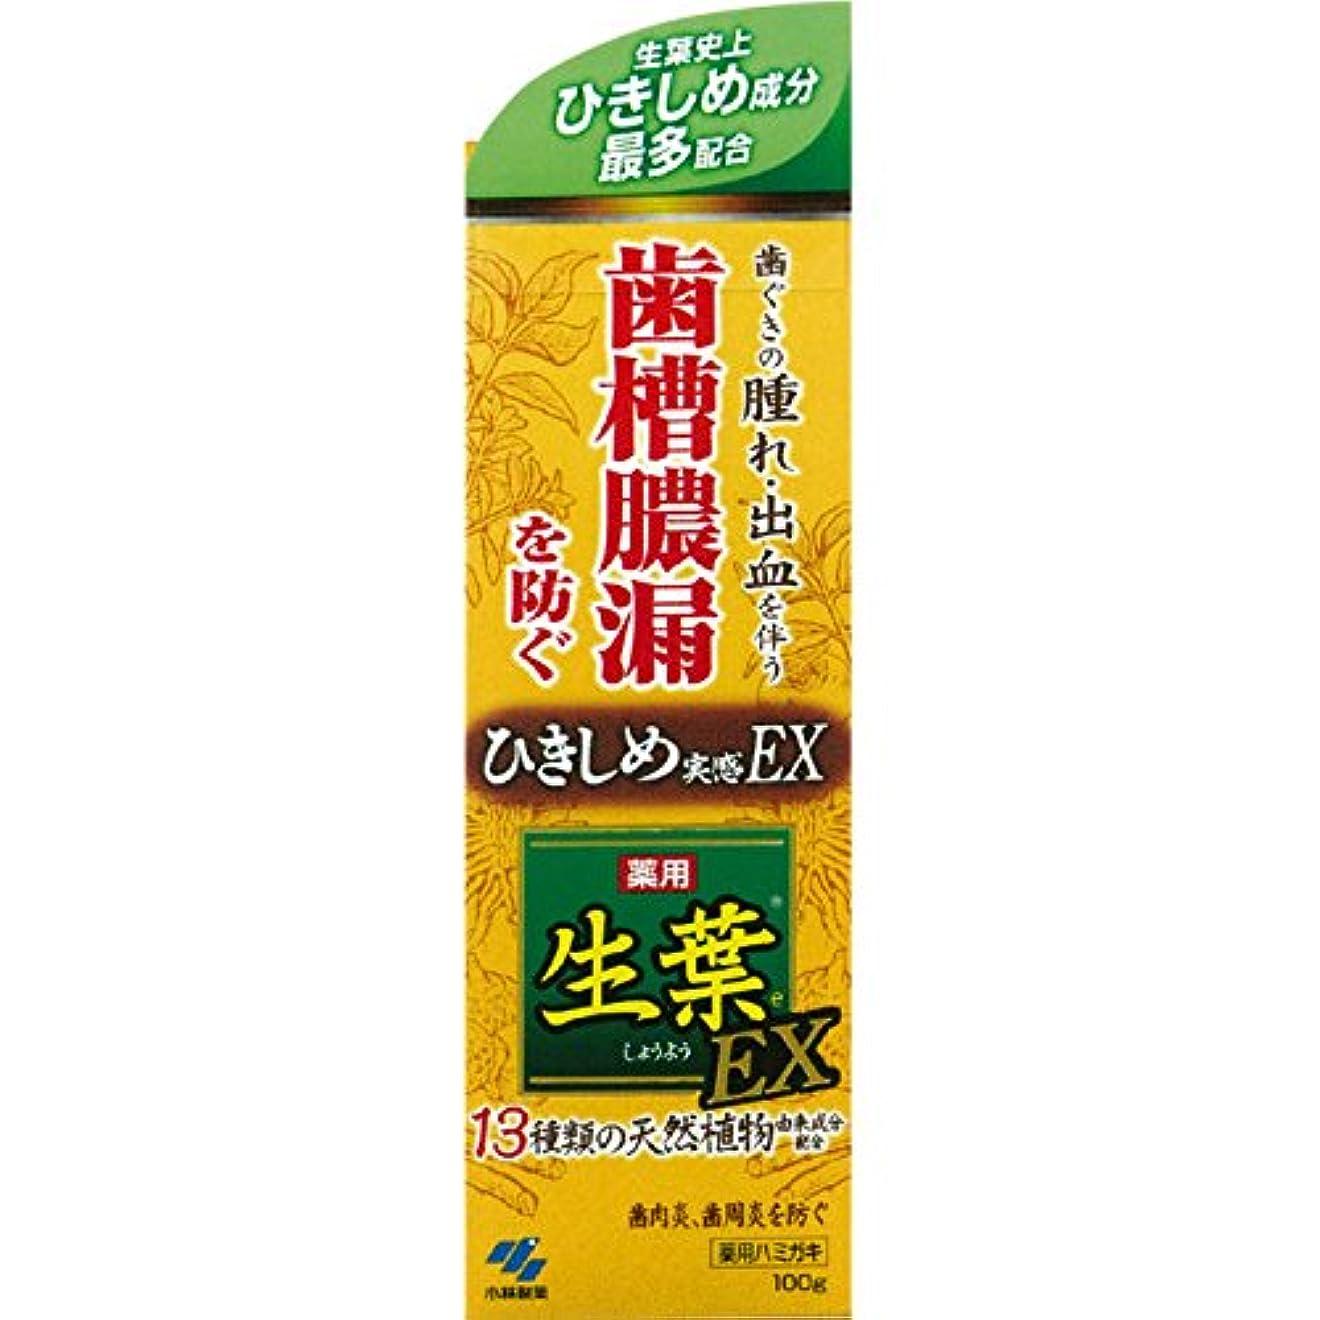 試験ライブ消す生葉EX 100g x7個セット